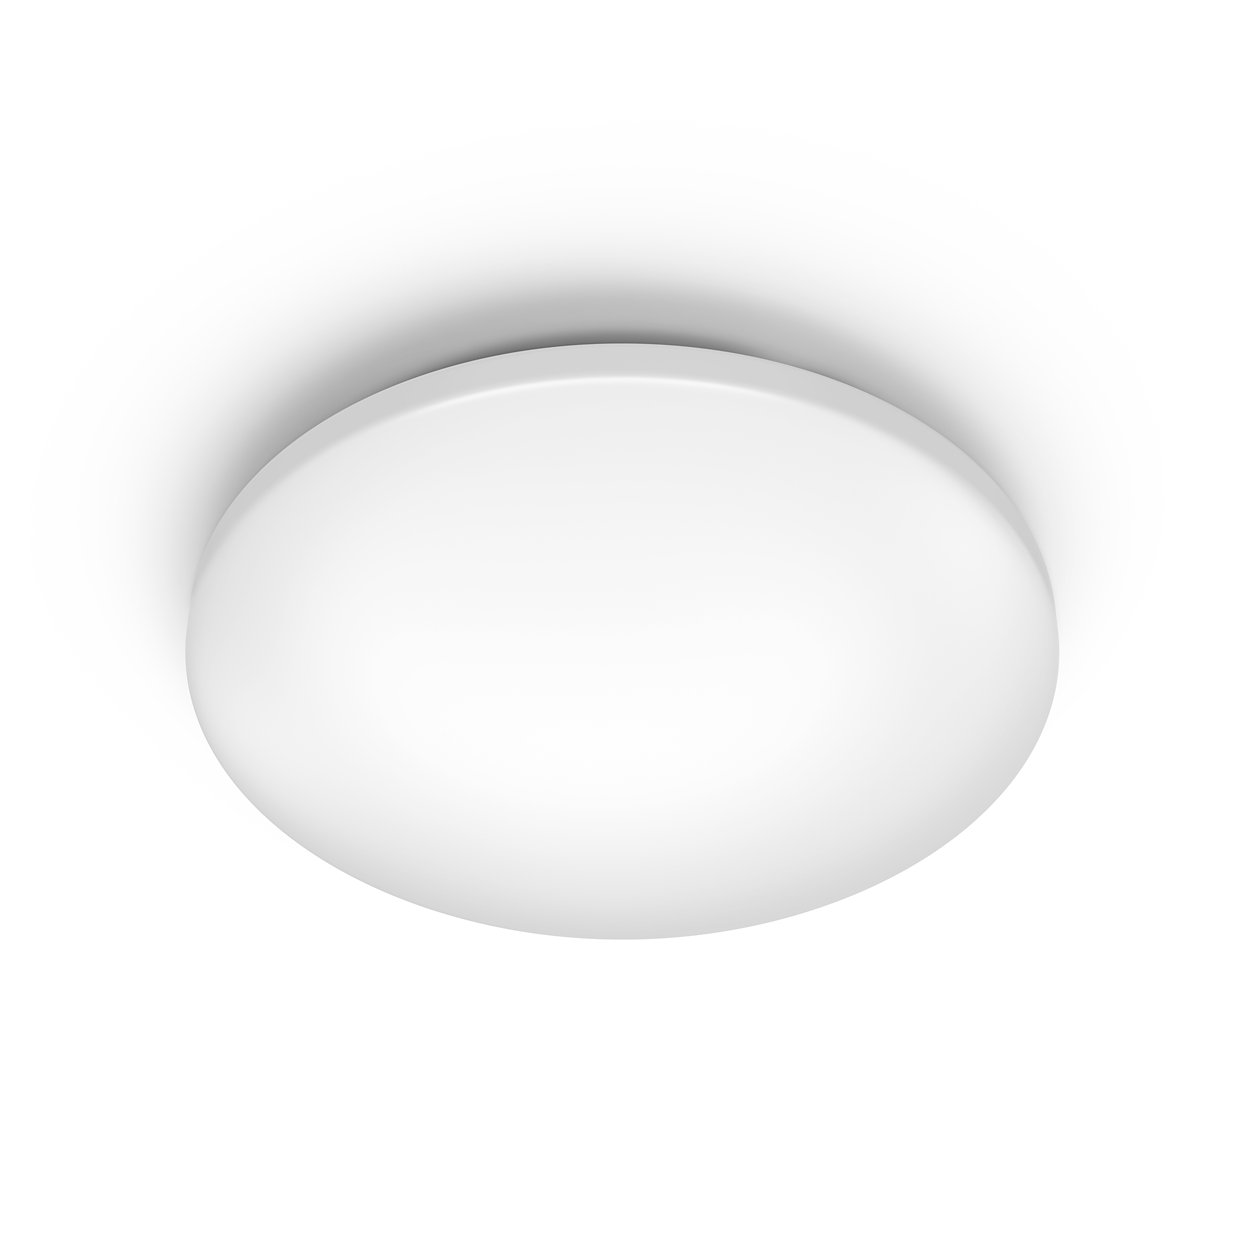 Príjemné LED svetlo, ktoré je šetrné kvašim očiam